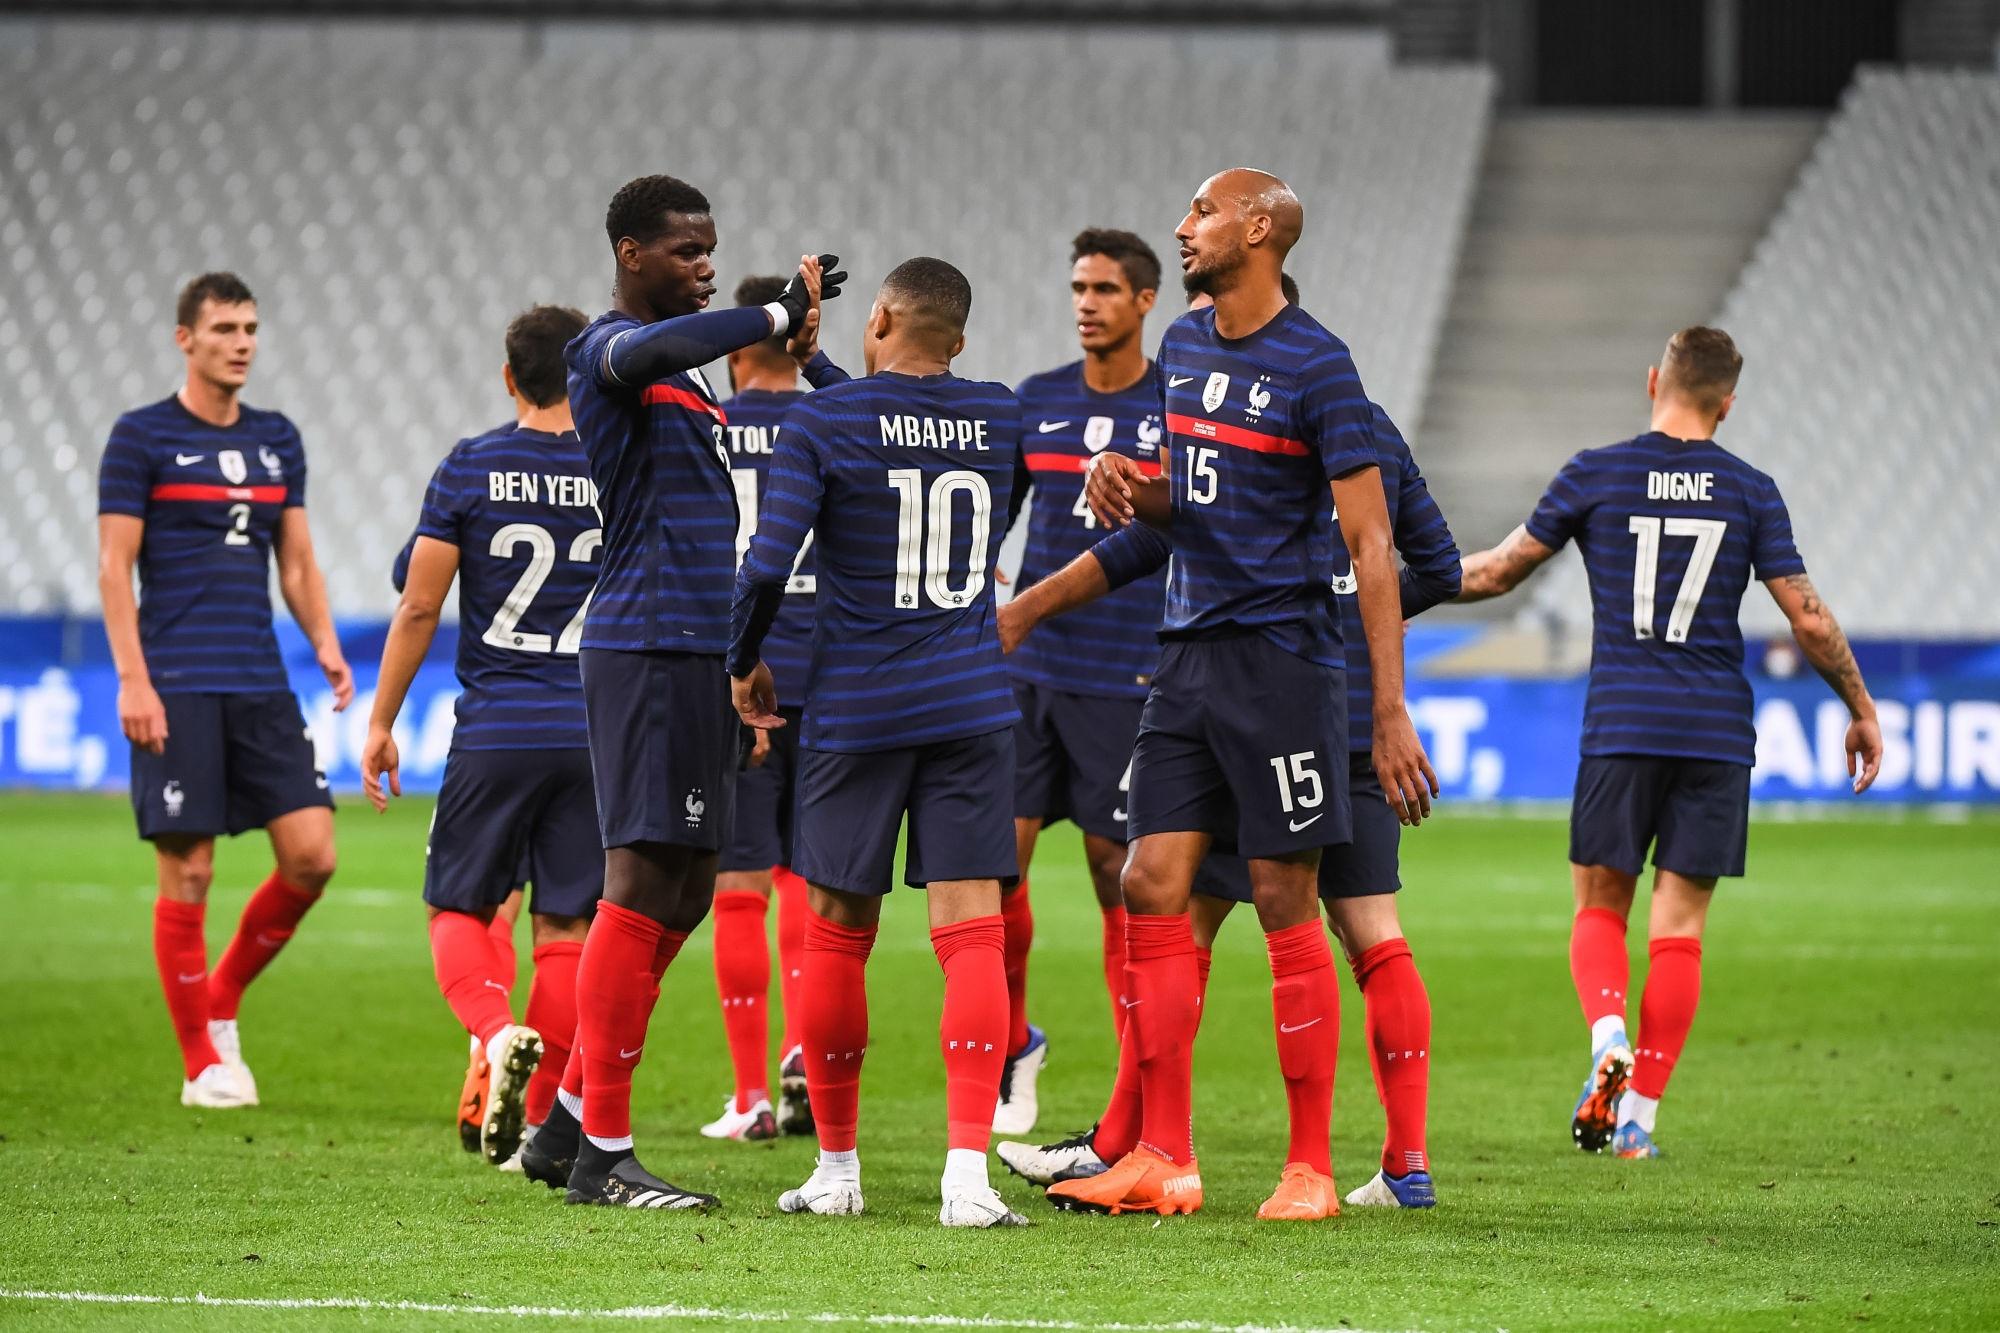 Croatie/France - Les équipes officielles : Mbappé titulaire, Kimpembe remplaçant